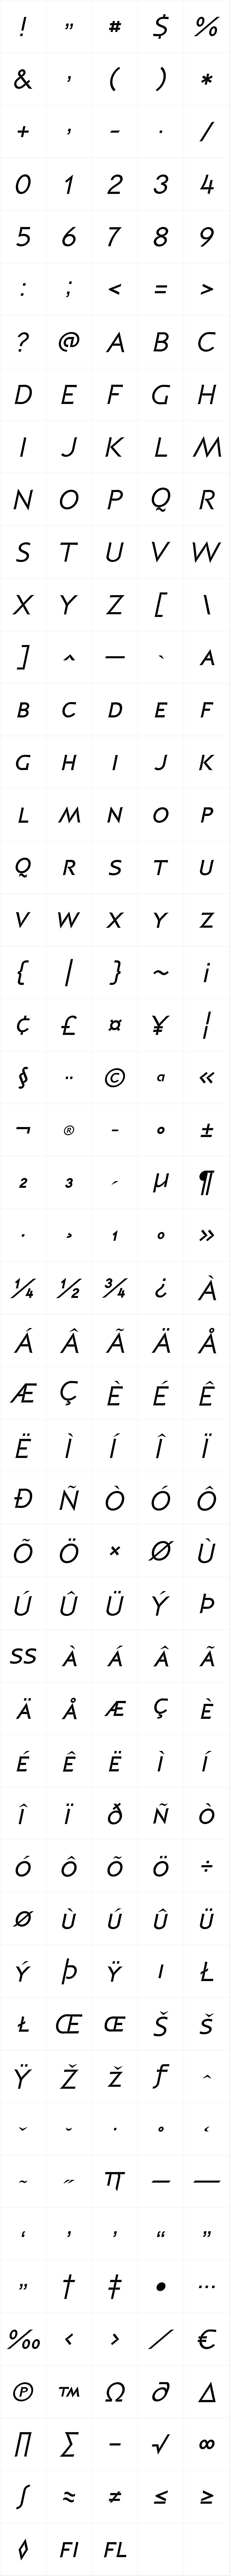 P22 Coda SemiBold Small Caps Italic